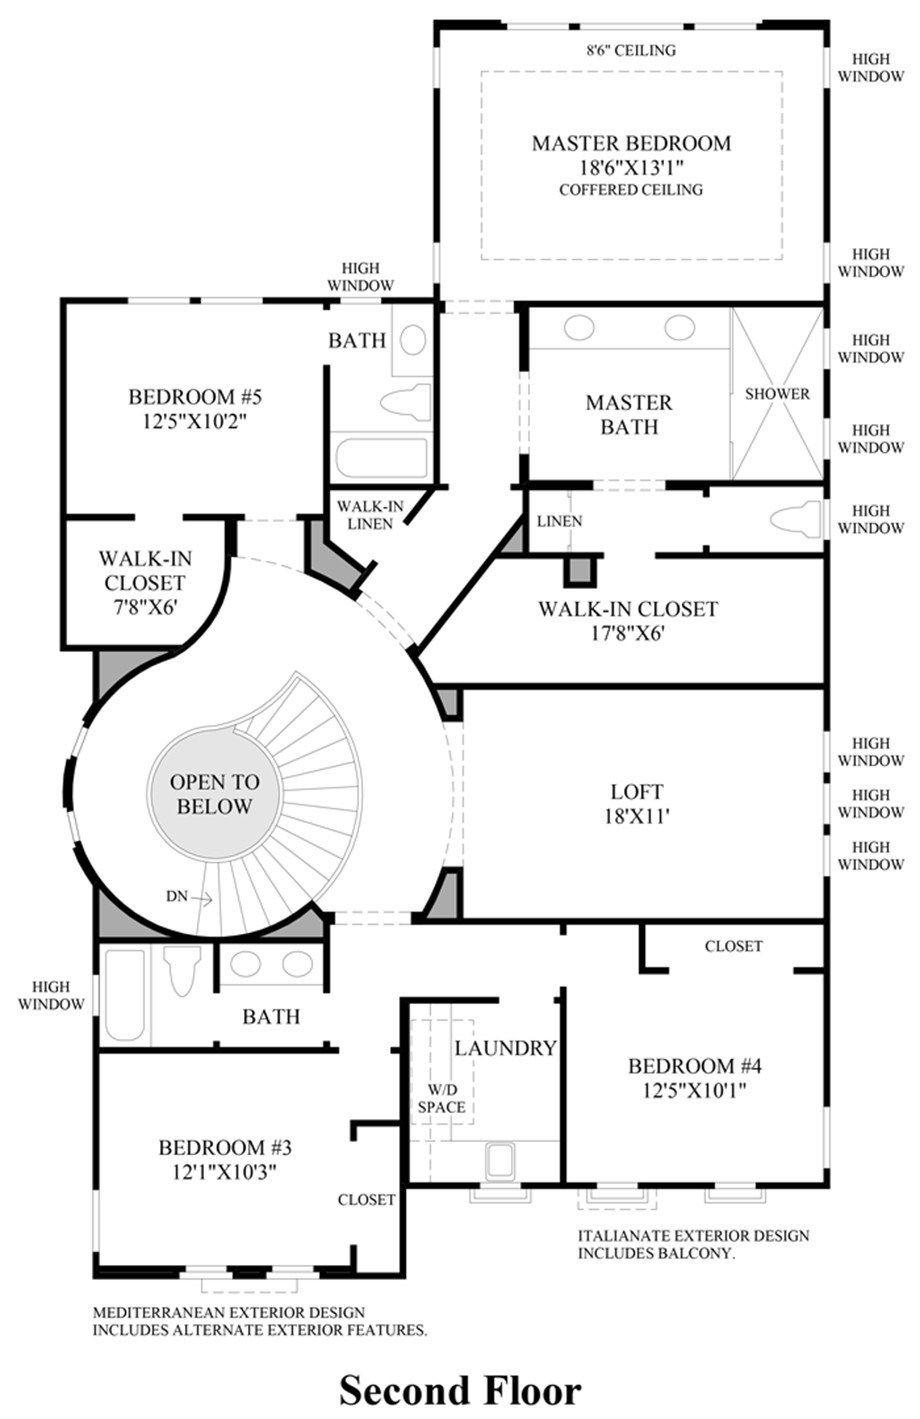 Floor Plan Symbols Bedroom  Floor plans, Floor plan symbols